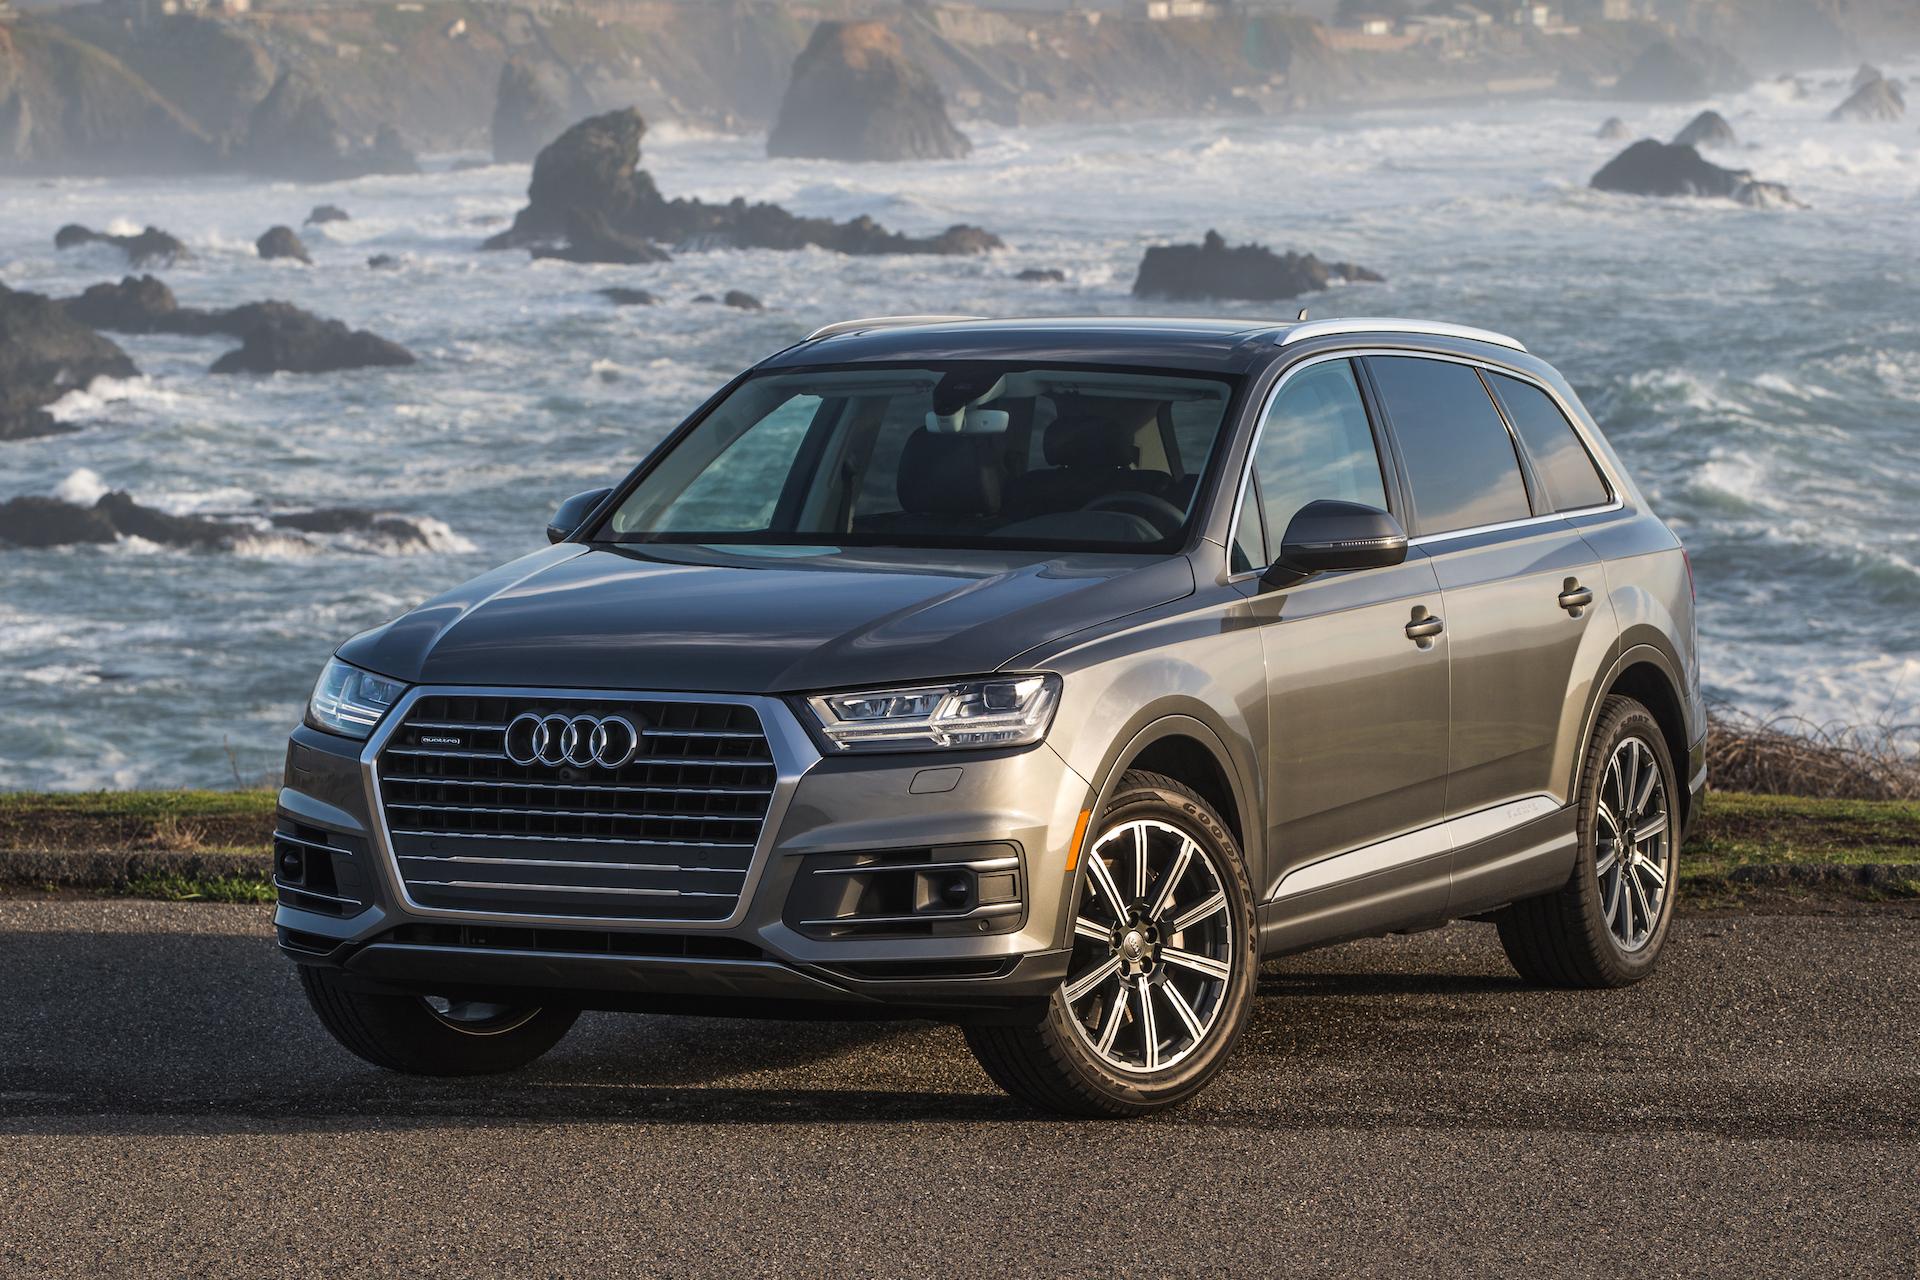 Kelebihan Audi X7 Top Model Tahun Ini